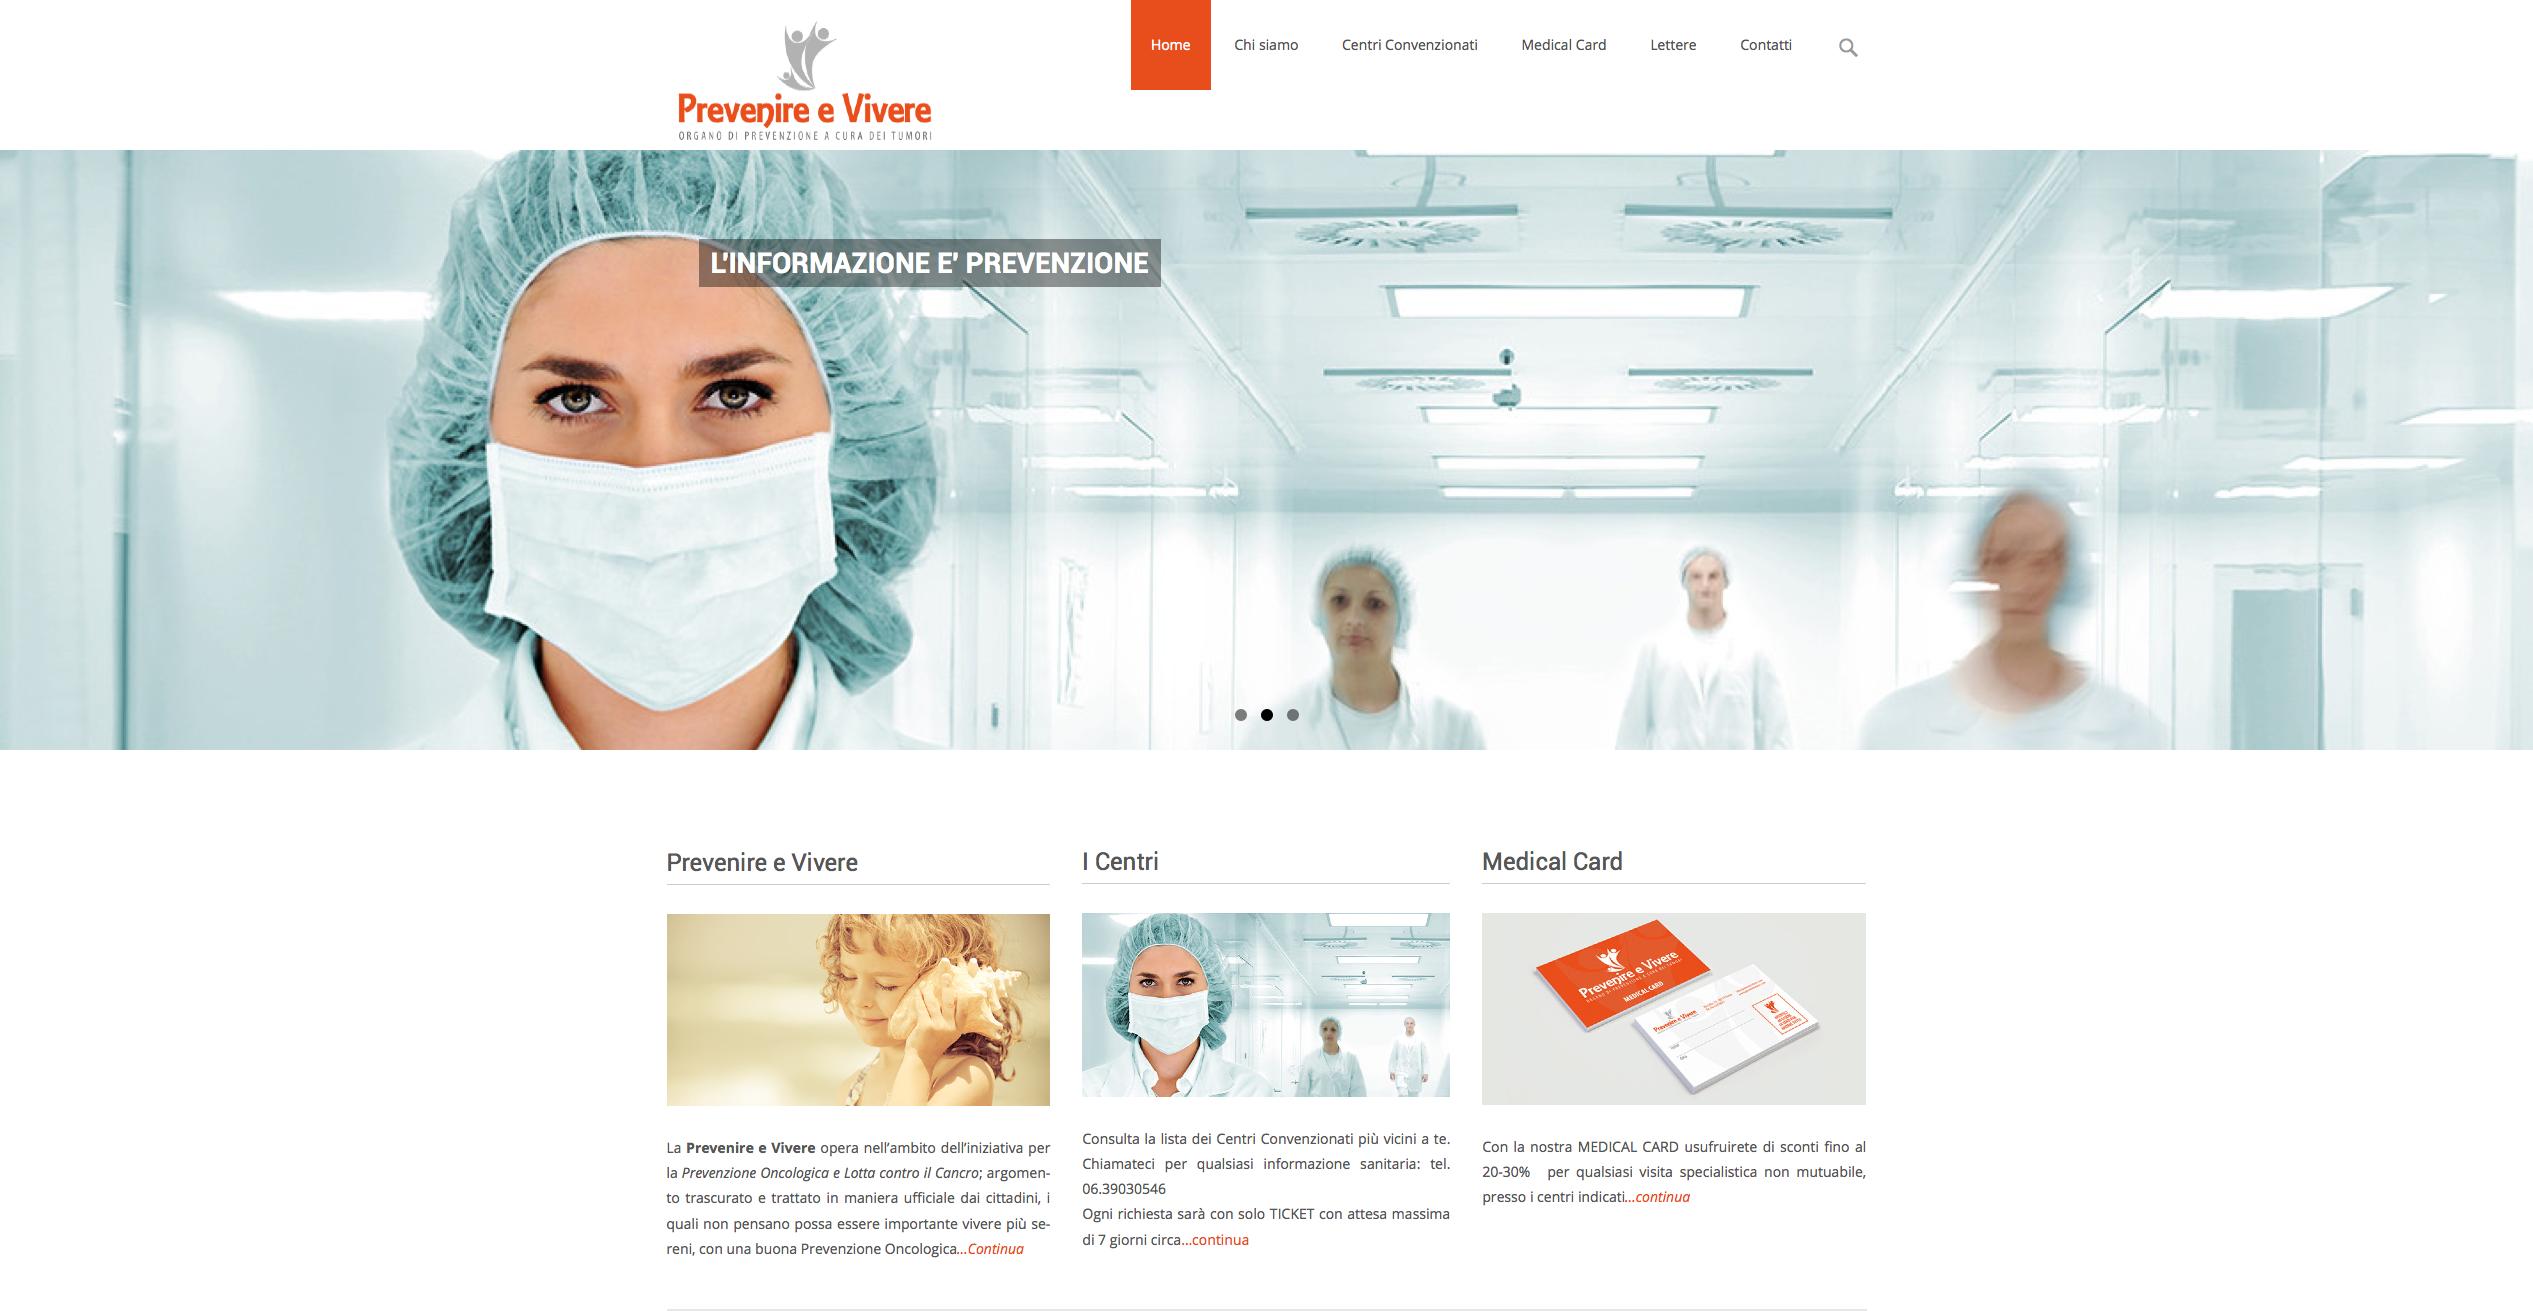 Prevenire_e_Vivere_Organo_di_prevenzione_a_cura_dei_tumori